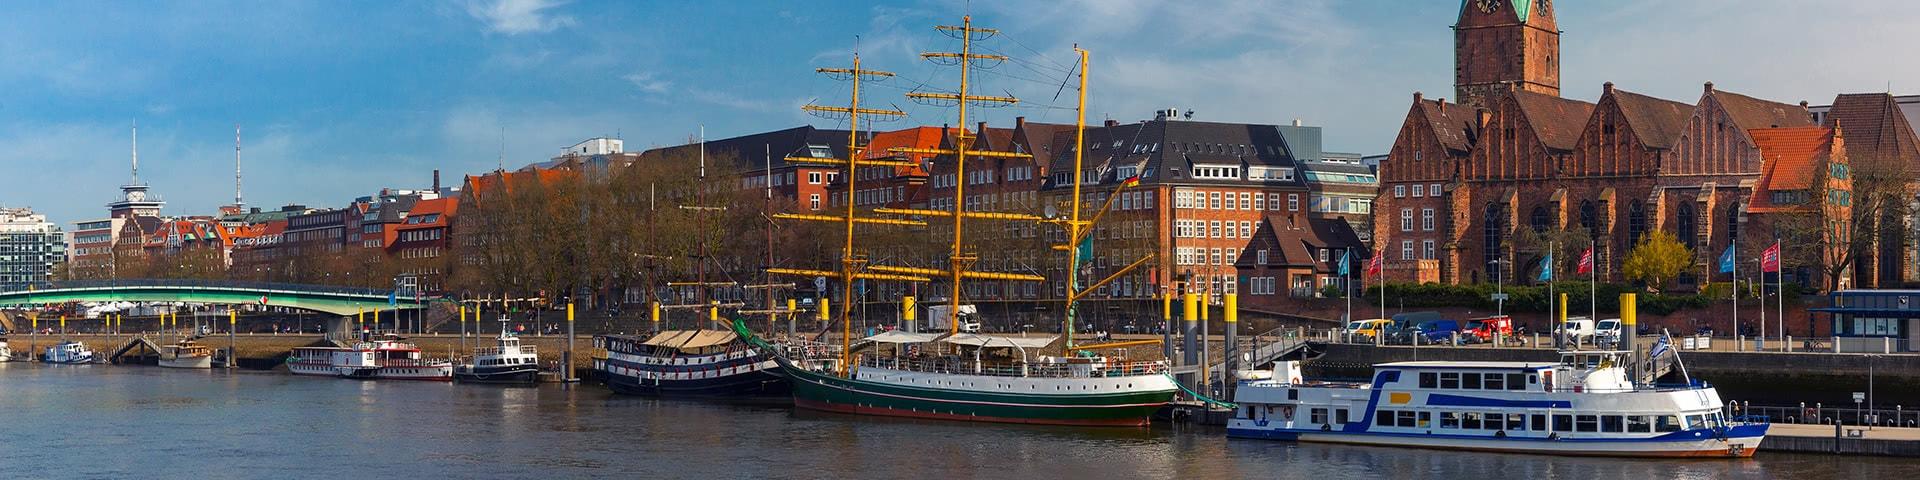 Schiffe auf der Weser in der Bremer Altstadt